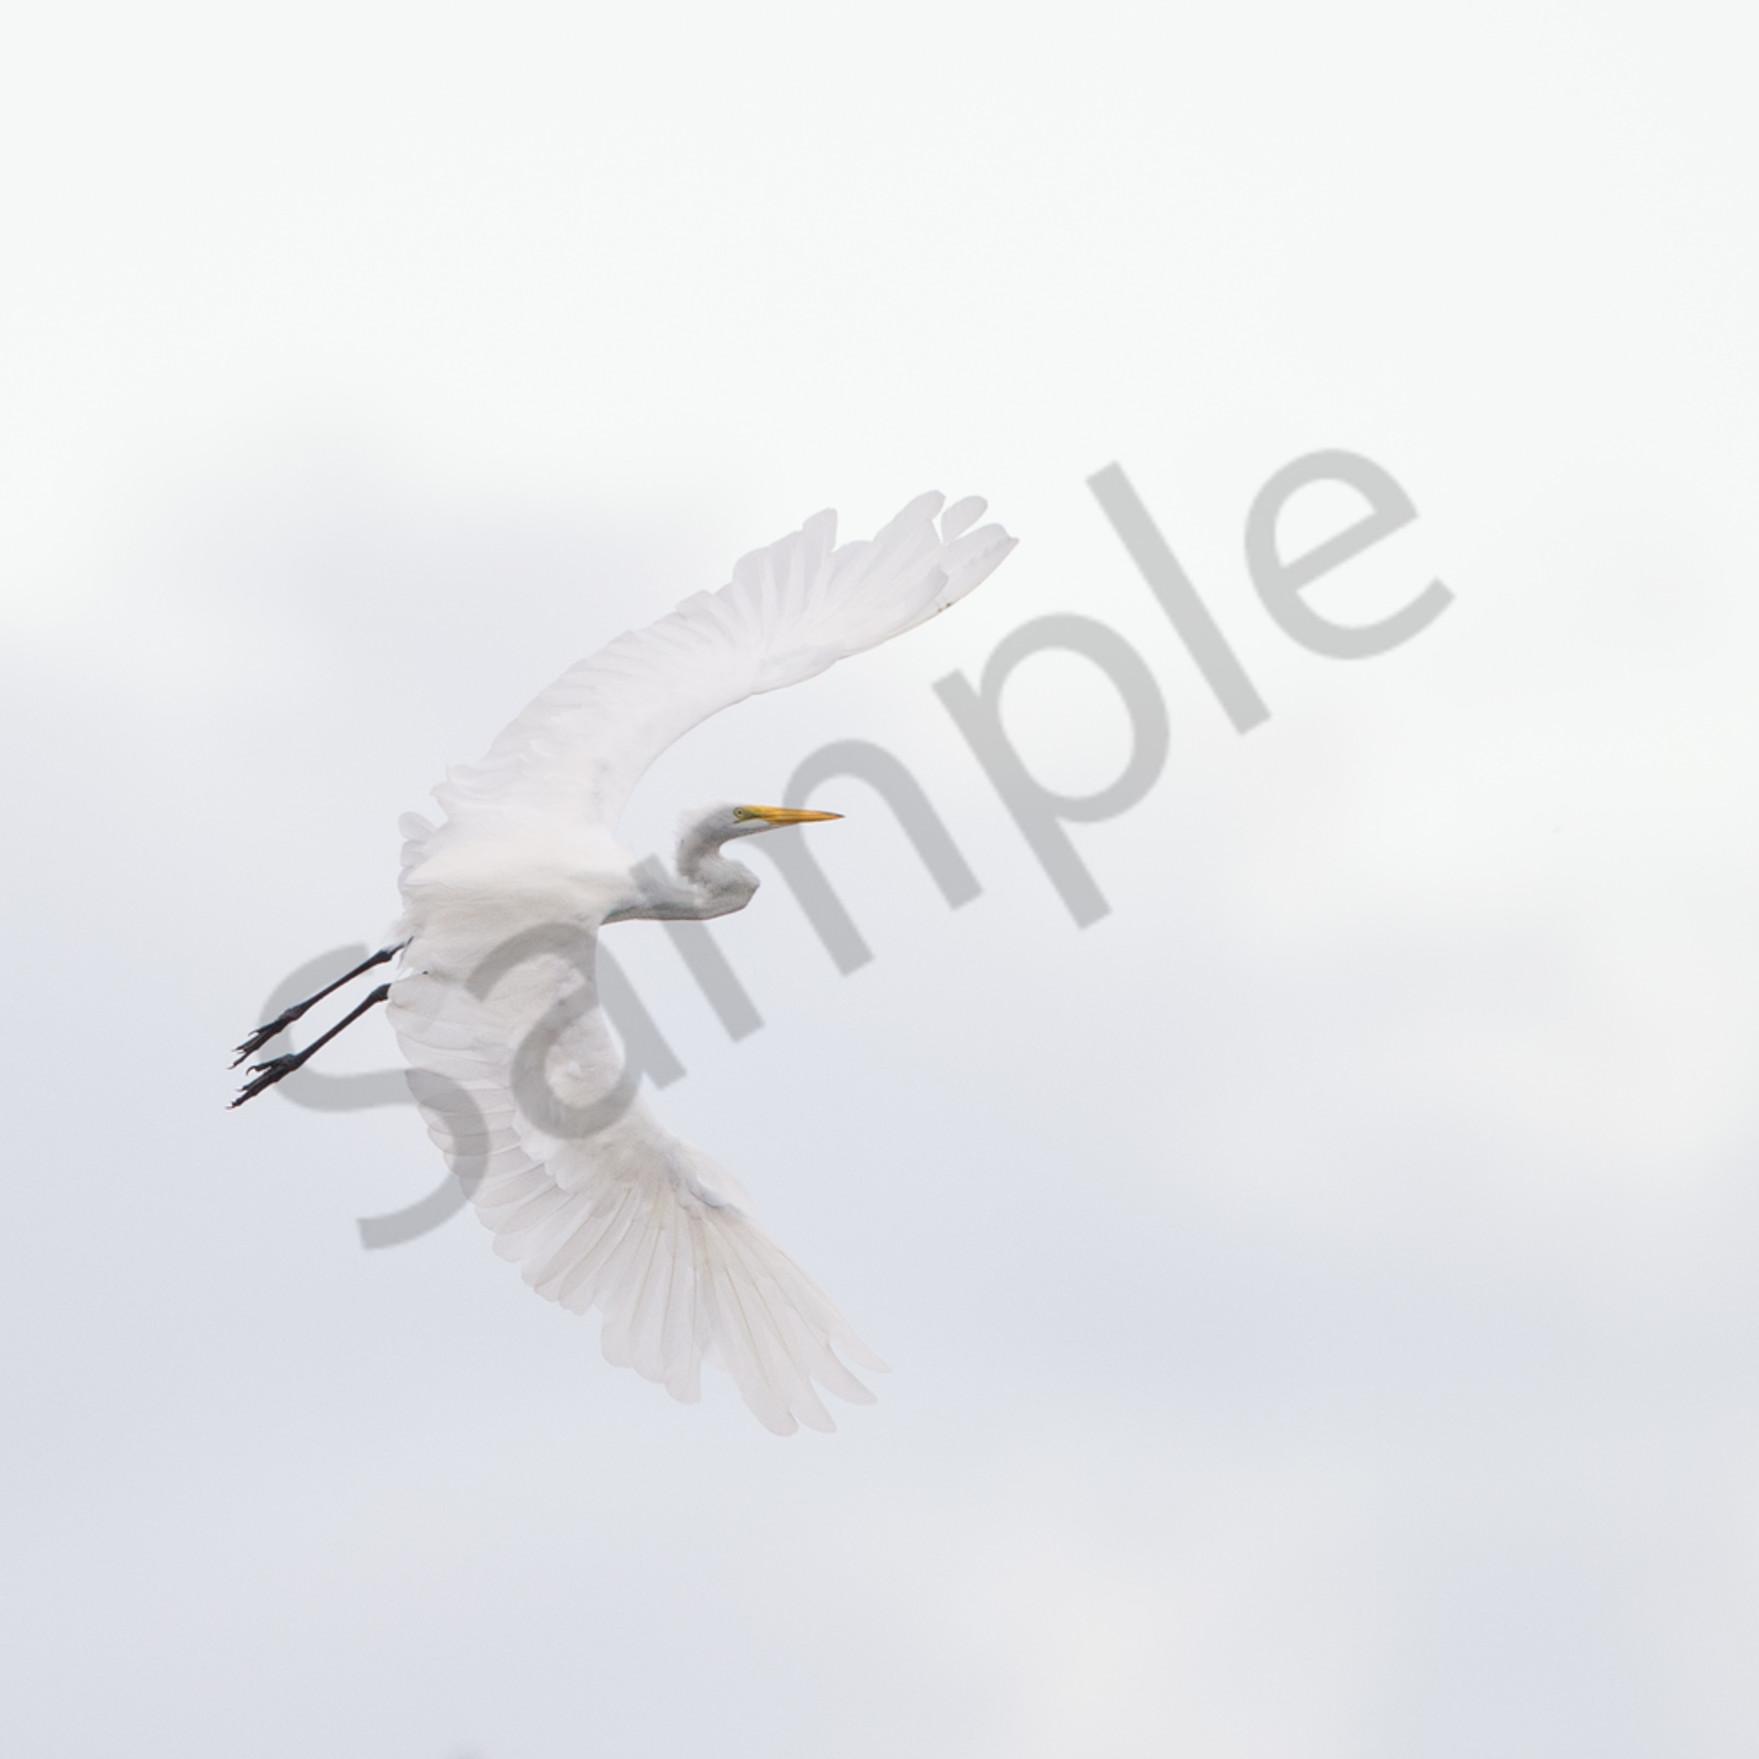 Dsc 9874 2 edit edit edit editmystic flight.jpggallery print qiiq5a